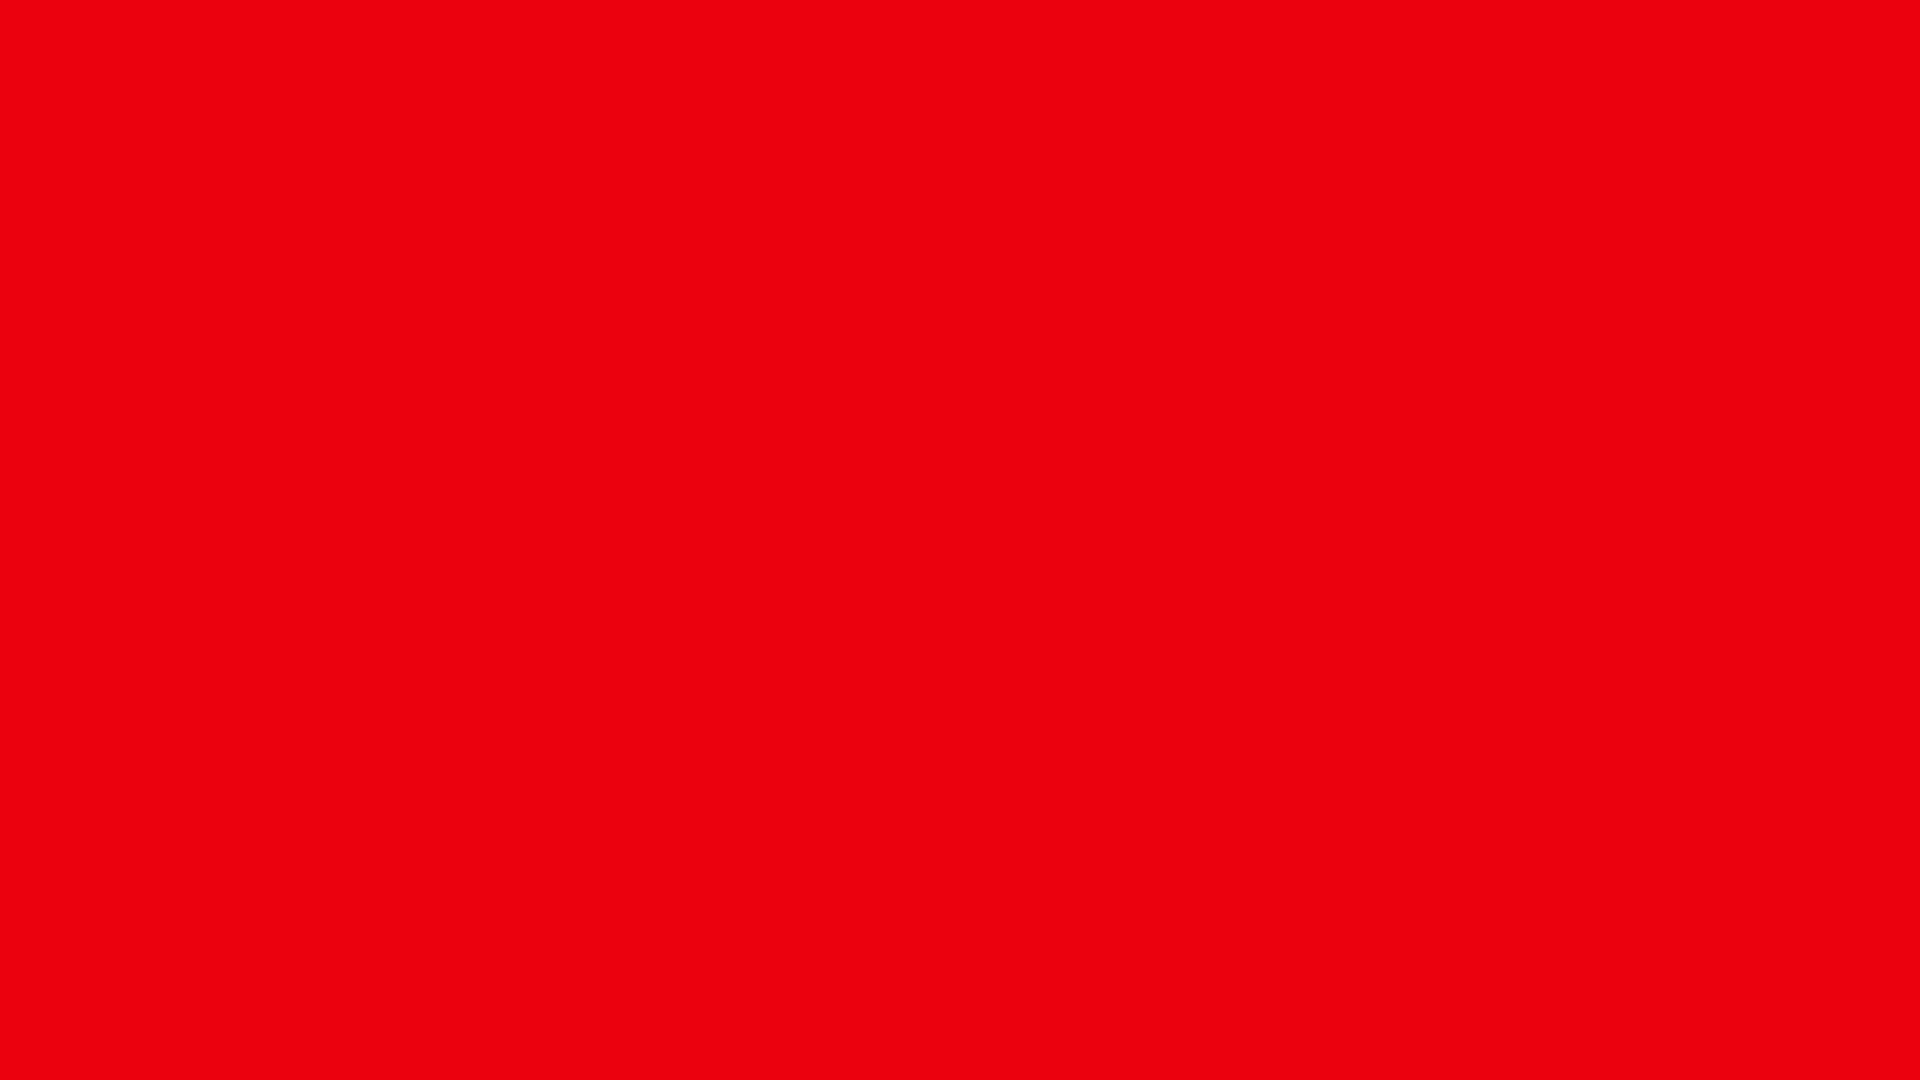 Какой цвет crimson